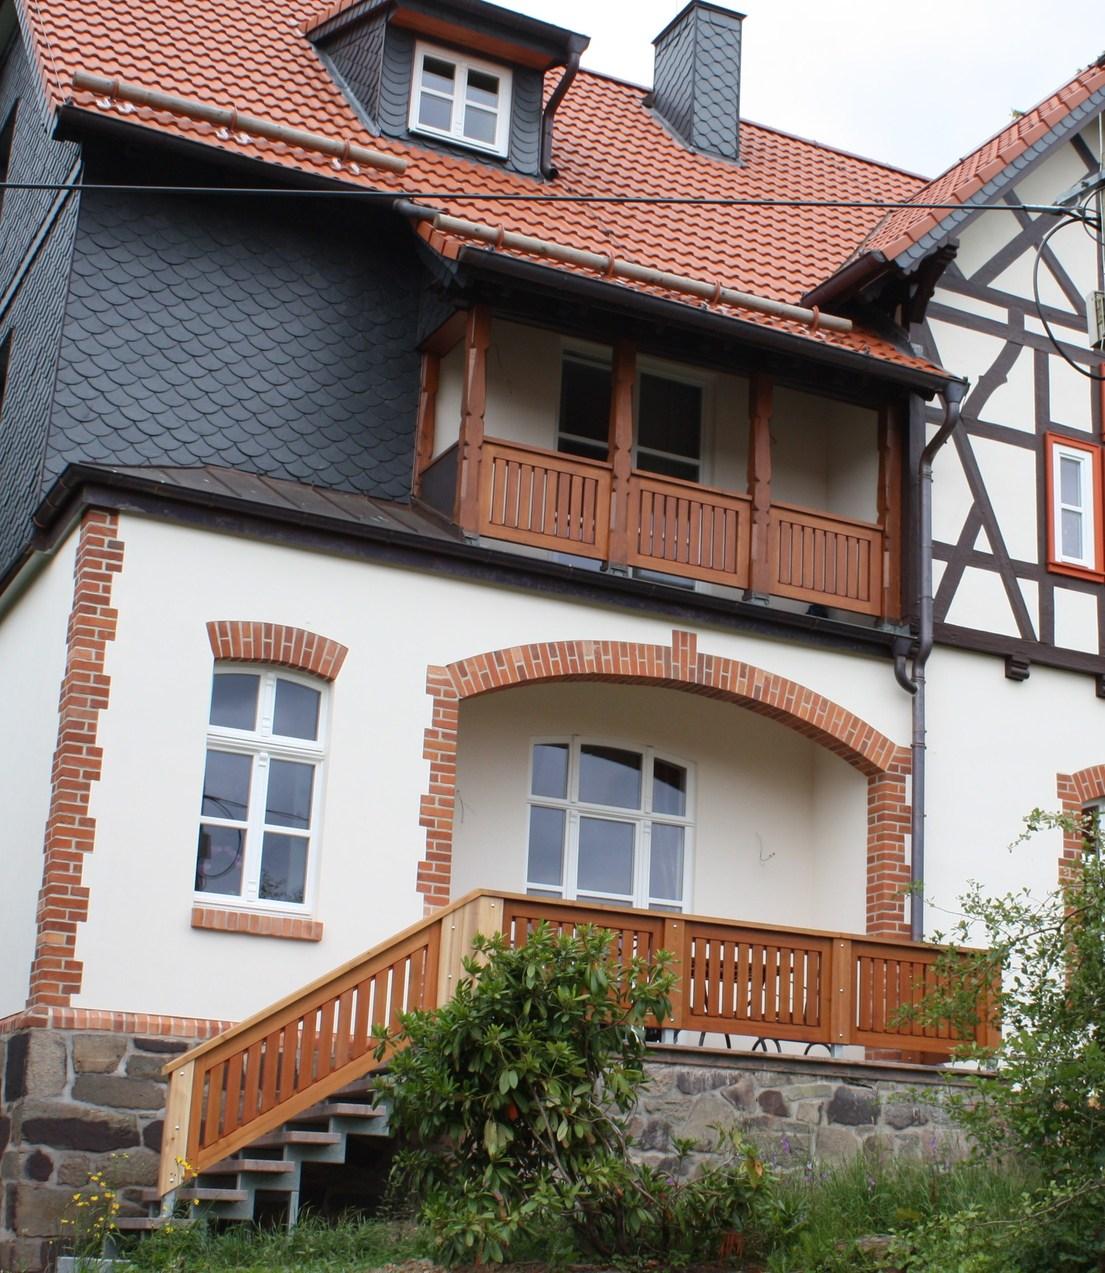 Alte Försterei Rothesütte, Sanierung der Fassade durch einen privaten Antragsteller